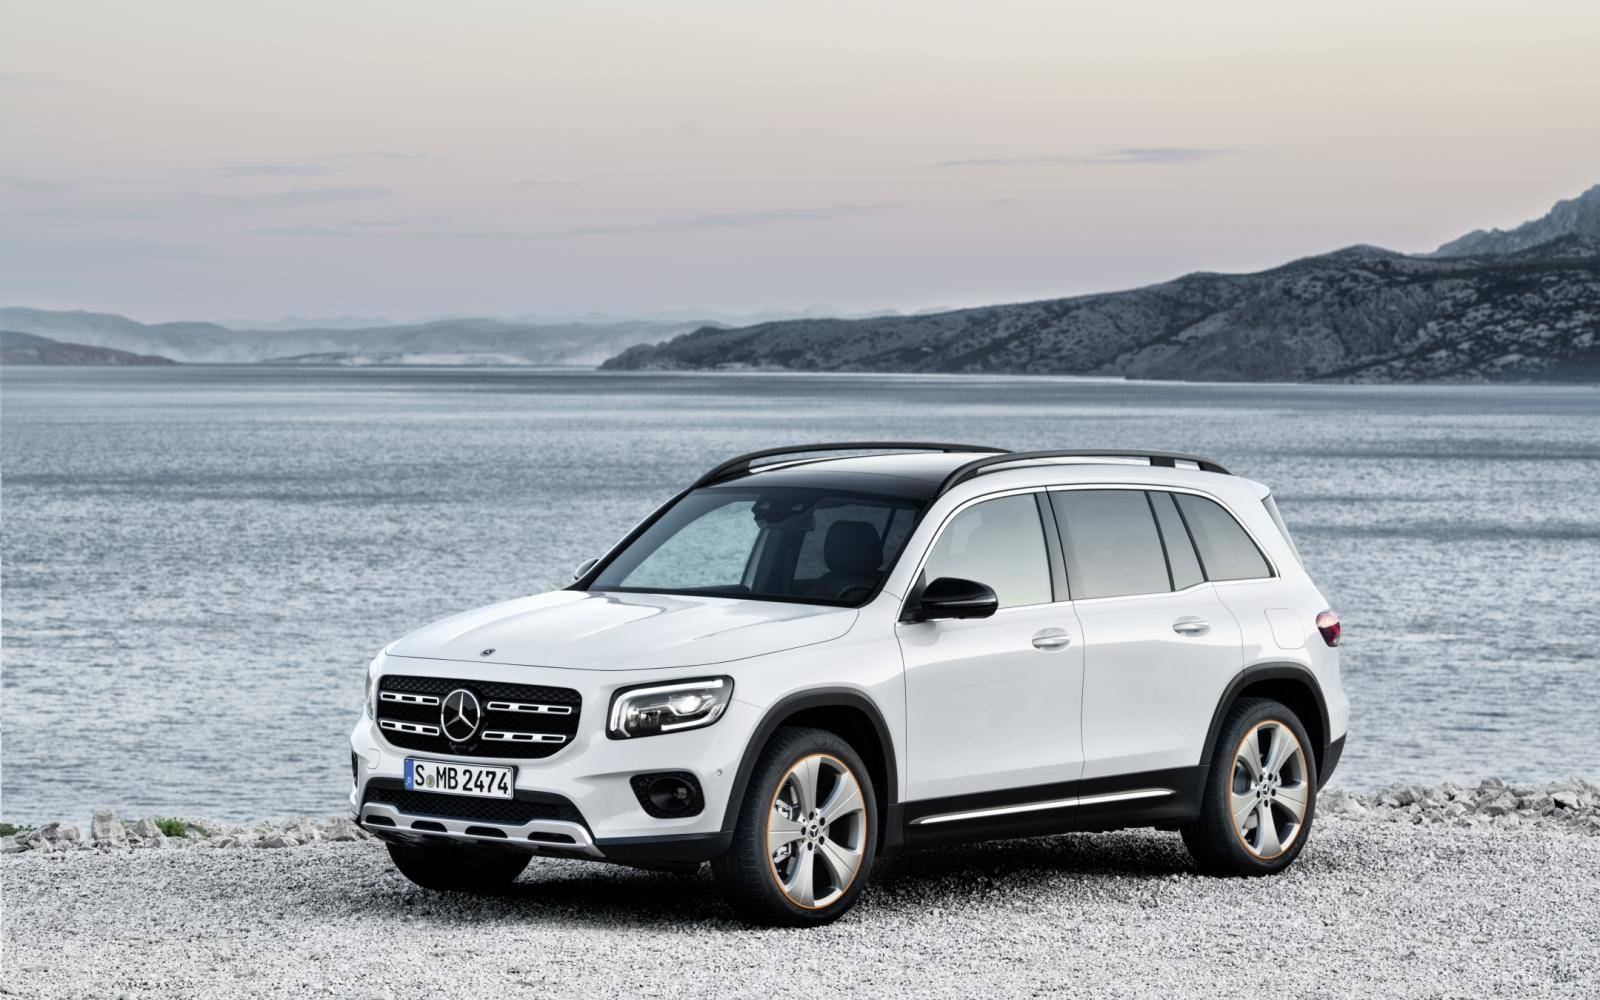 Mercedes GLB nu officieel: stoere suv met 7 zitplaatsen